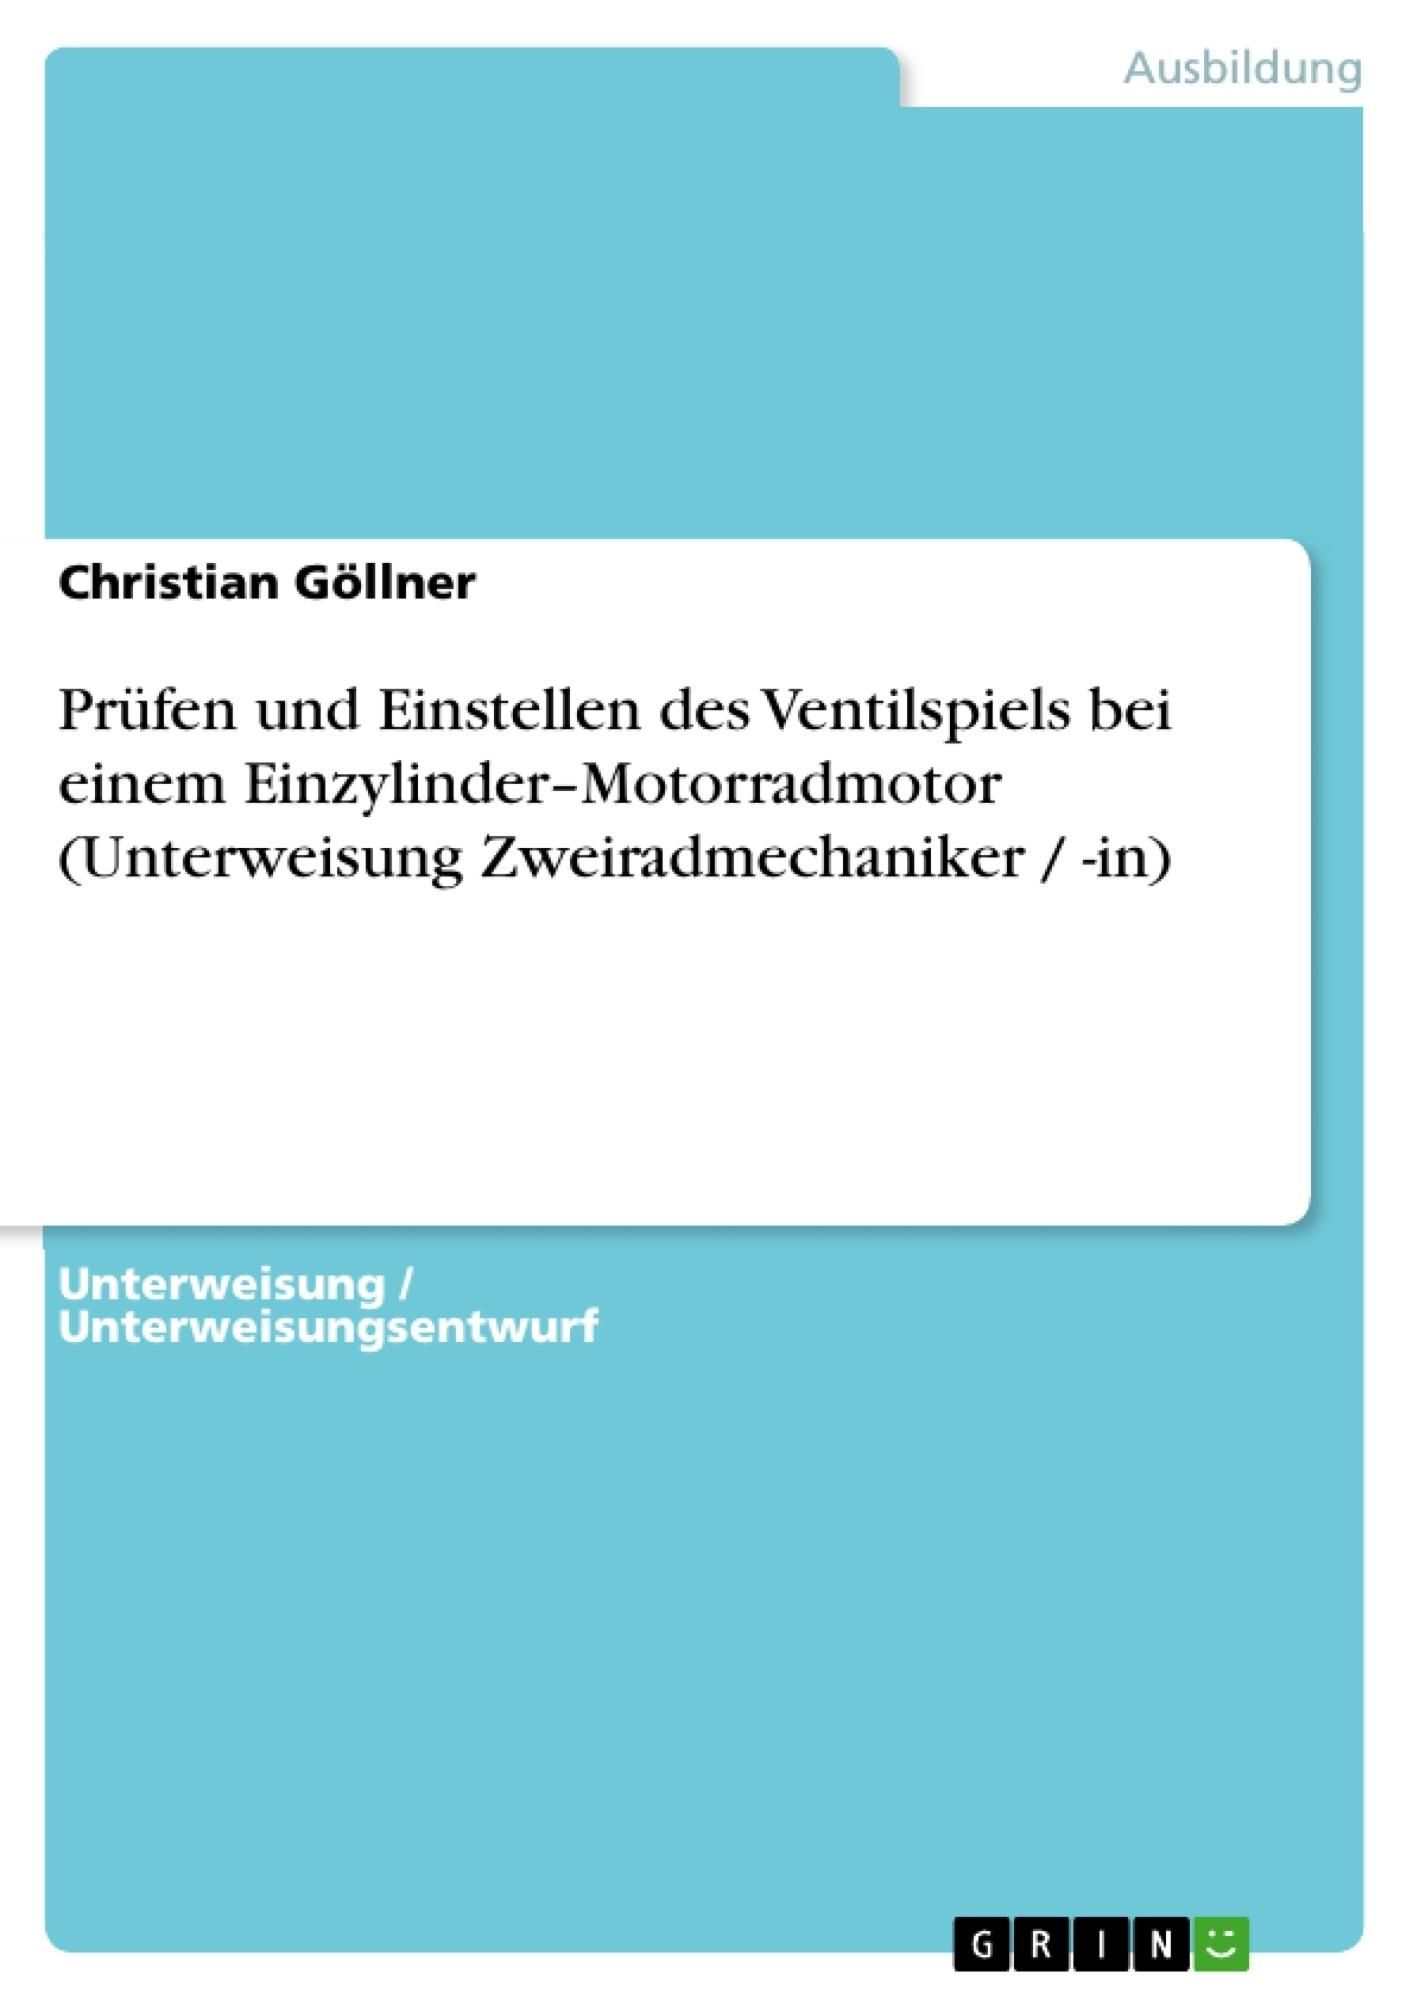 Titel: Prüfen und Einstellen des Ventilspiels bei einem Einzylinder–Motorradmotor (Unterweisung Zweiradmechaniker / -in)